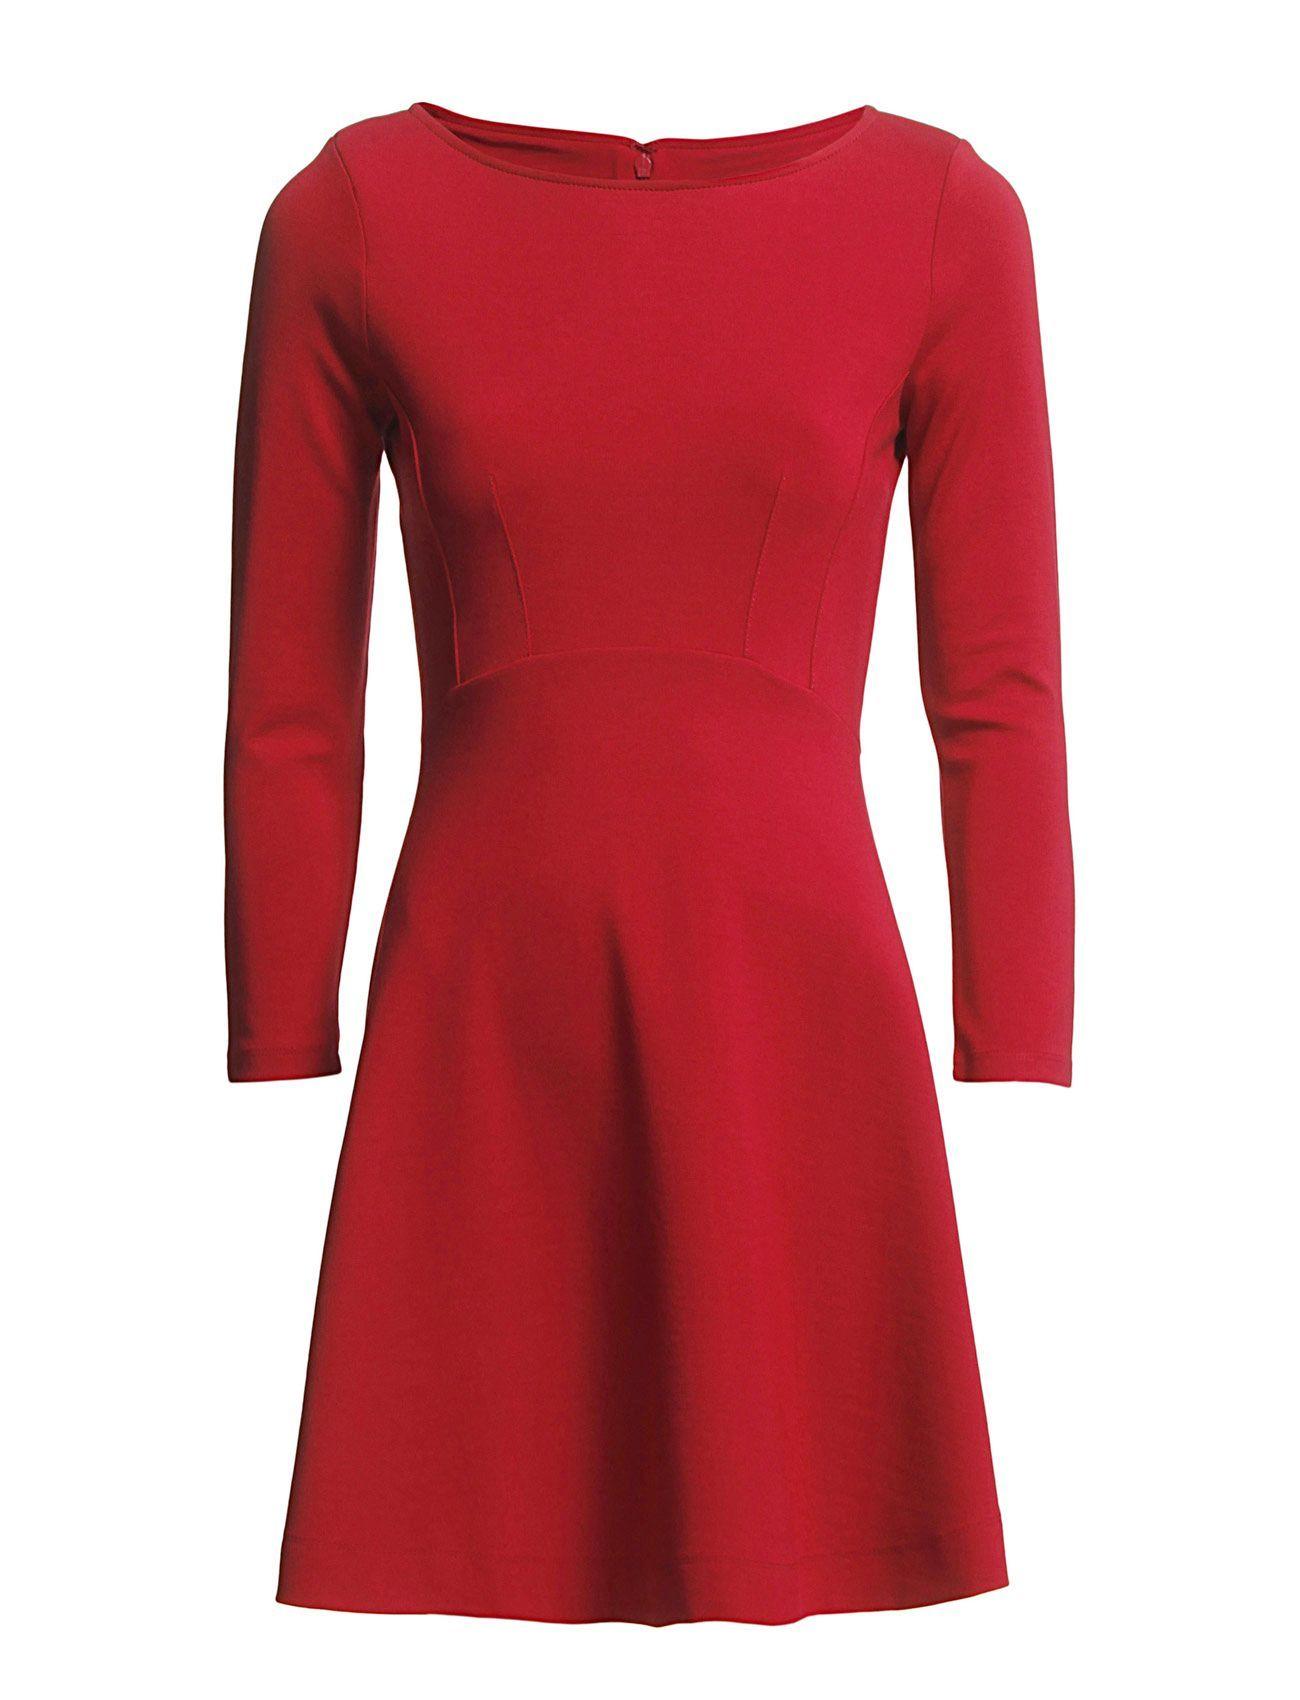 kjoler med korte ermer lillestrøm